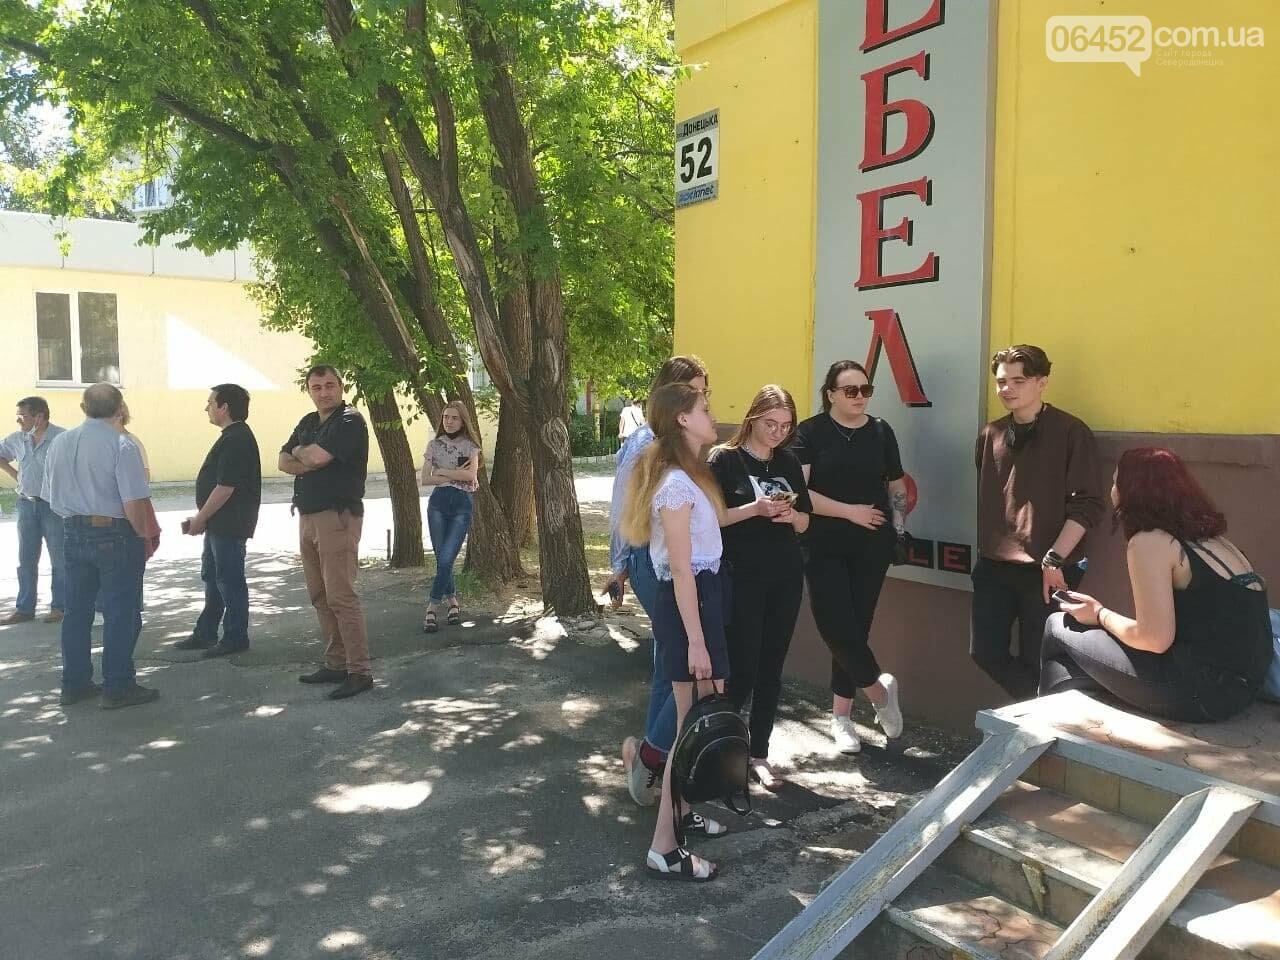 В Северодонецке неизвестный сообщил о минировании корпусов двух университетов (фото), фото-25